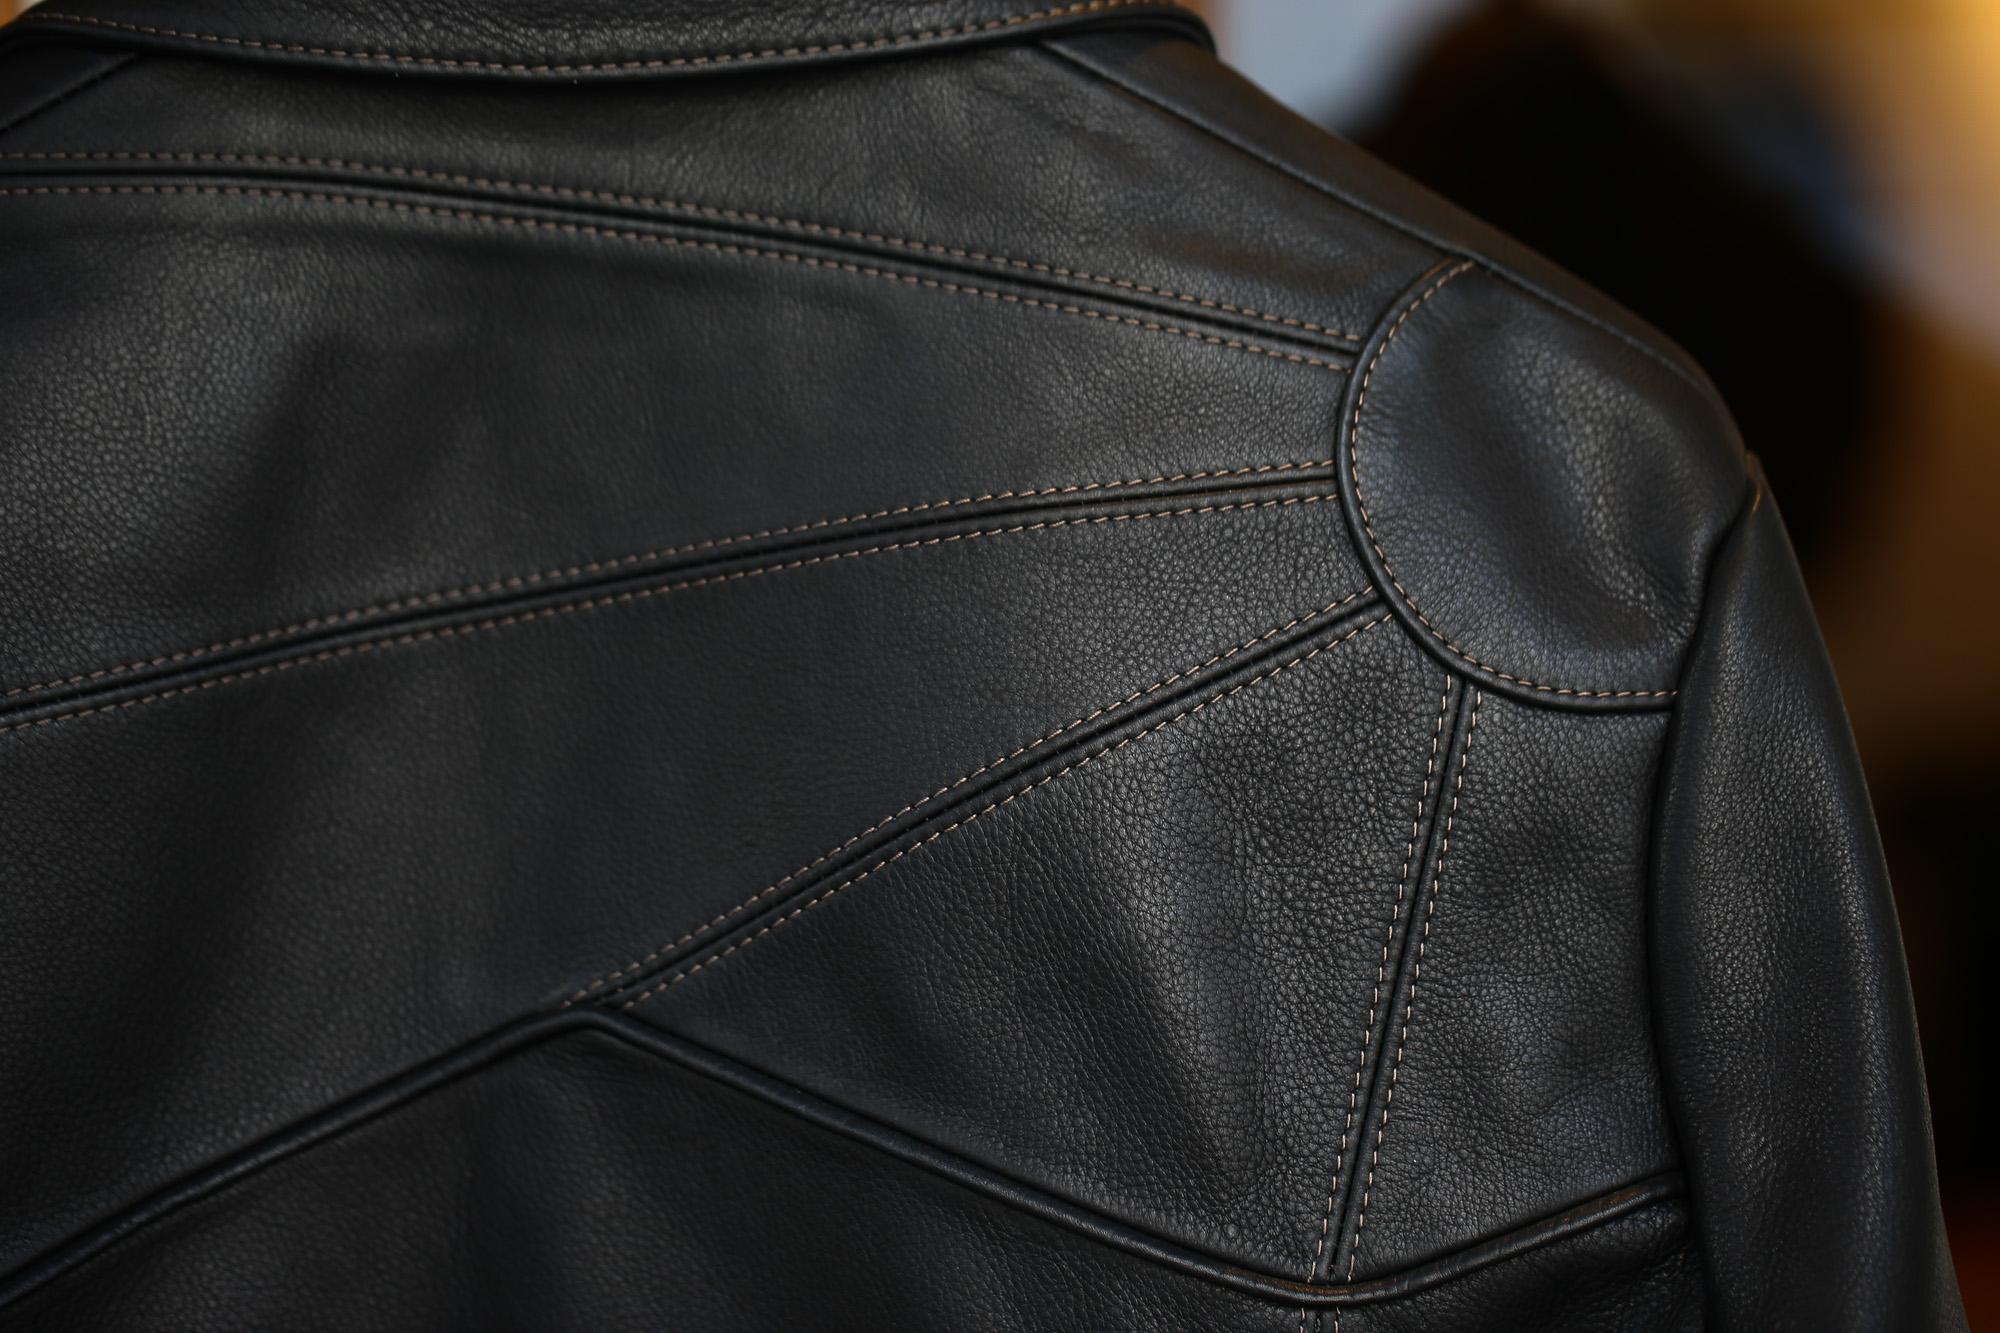 South Paradiso Leather (サウスパラディソレザー) East West イーストウエスト SMOKE スモーク Cow Hide Leather カウハイドレザー レザージャケット BLACK (ブラック) MADE IN USA (アメリカ製) 愛知 名古屋 ZODIAC ゾディアック パラディソ イーストウエスト スモーク ヴィンテージ アドラー アードラー ウィンチェスター イルミナティレインボーシャツ レザー 革ジャン